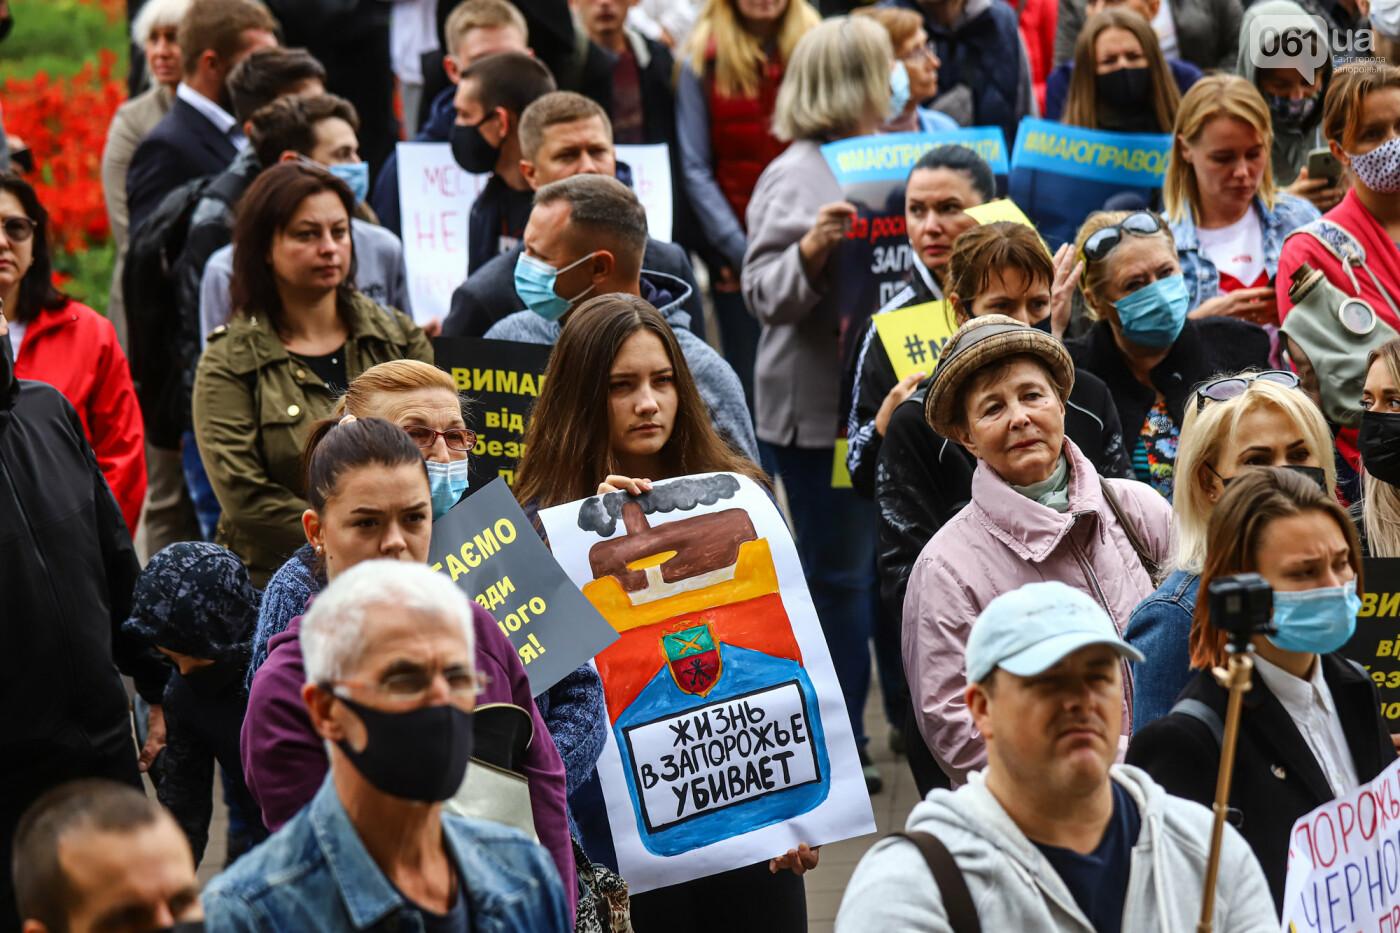 Маю право дихати: тысячи запорожцев вышли на экологический митинг, ФОТО, ВИДЕО, фото-56